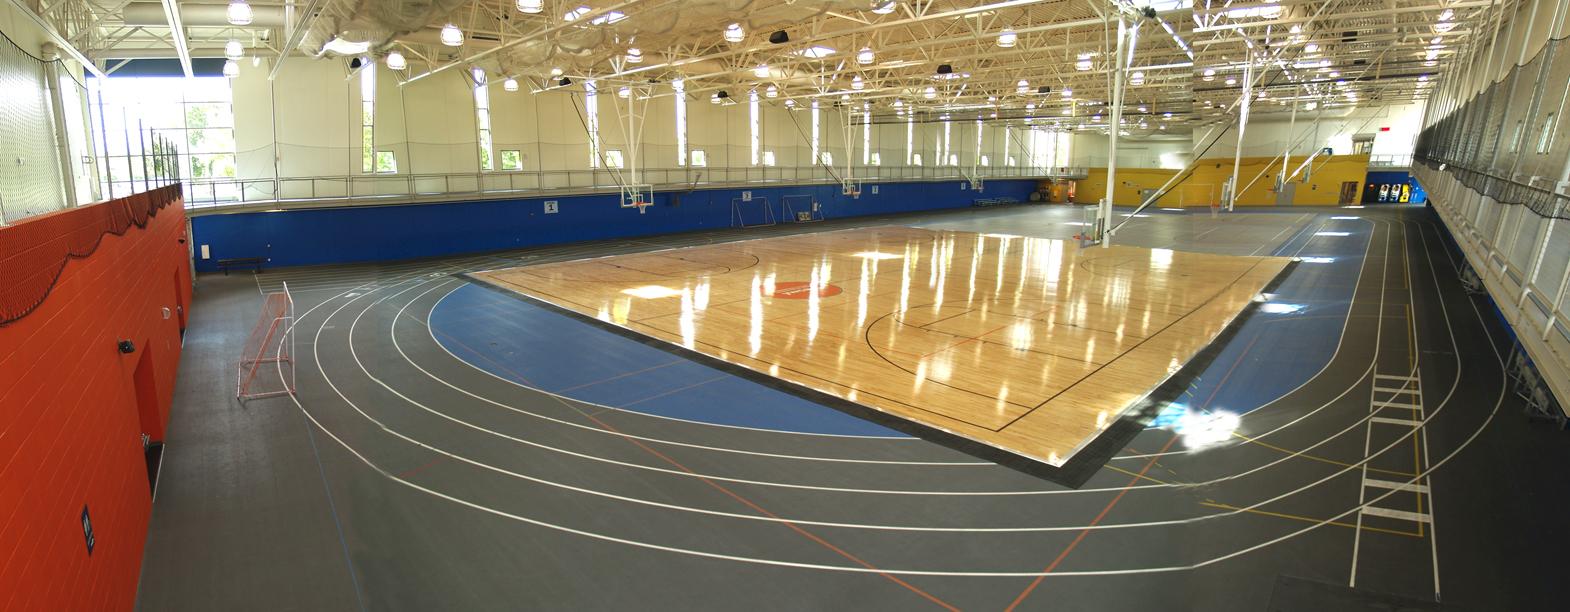 Minneapolis Sports Center | YWCA